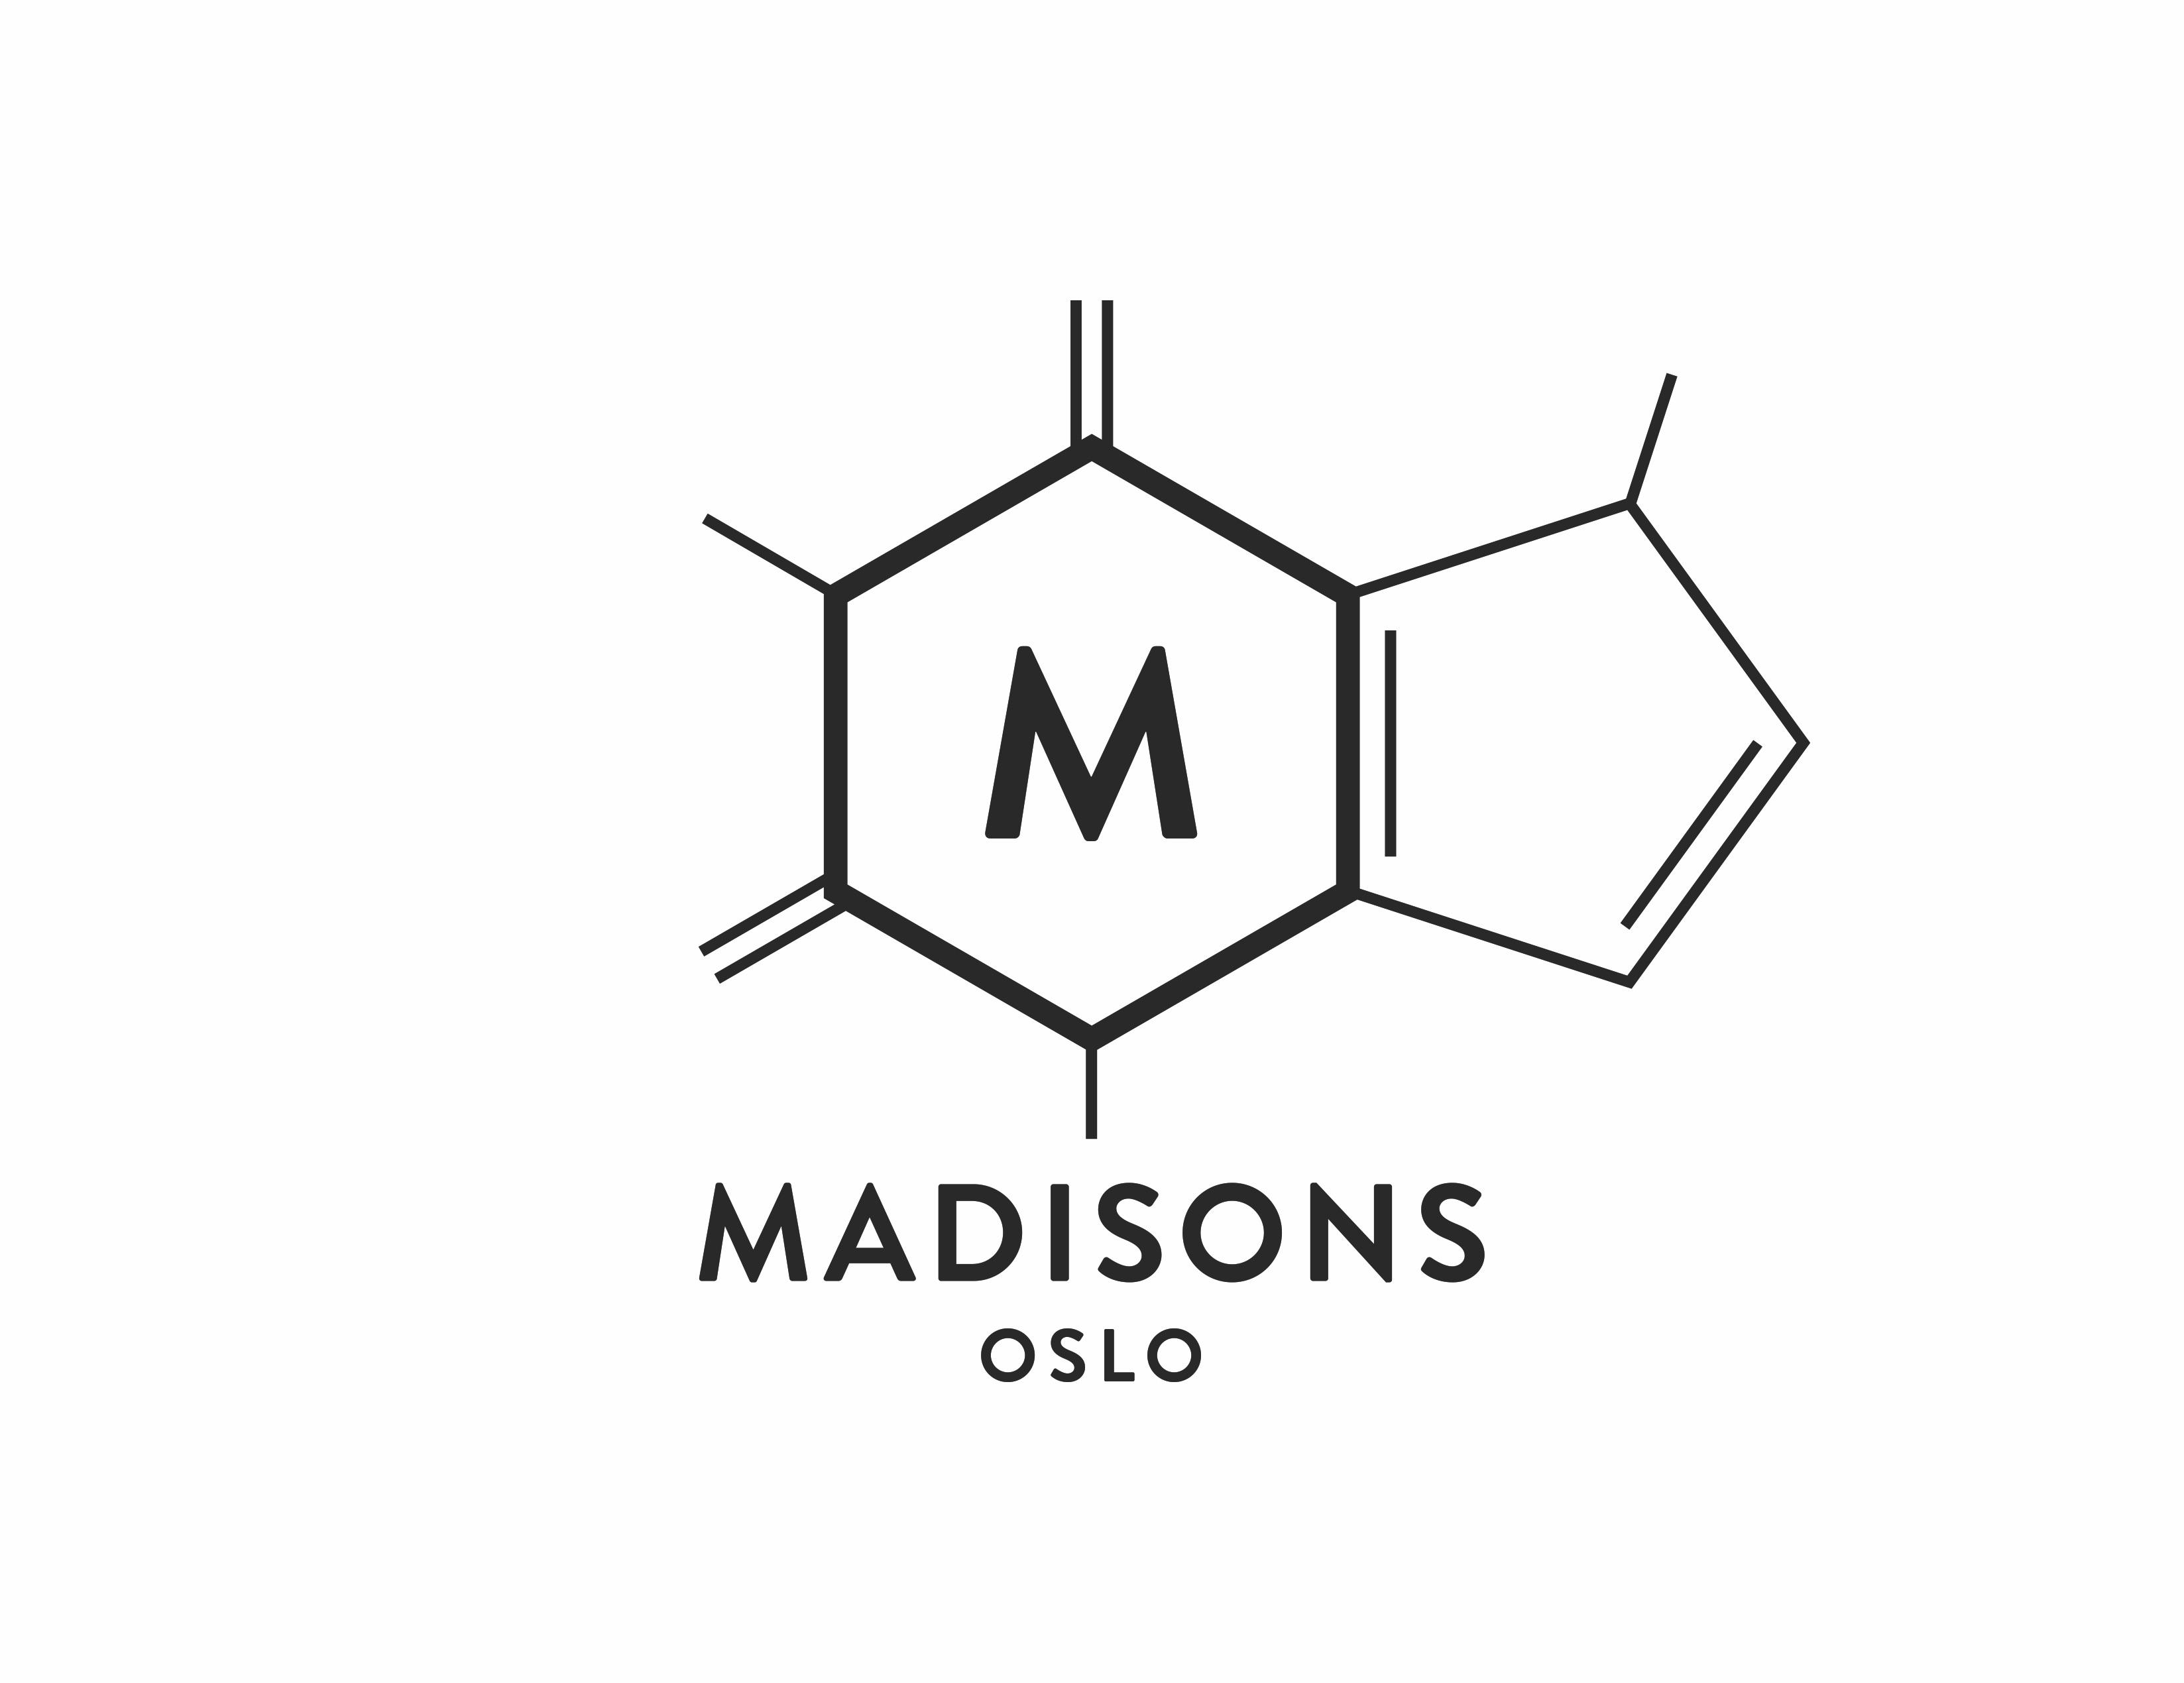 Madisons OSLO